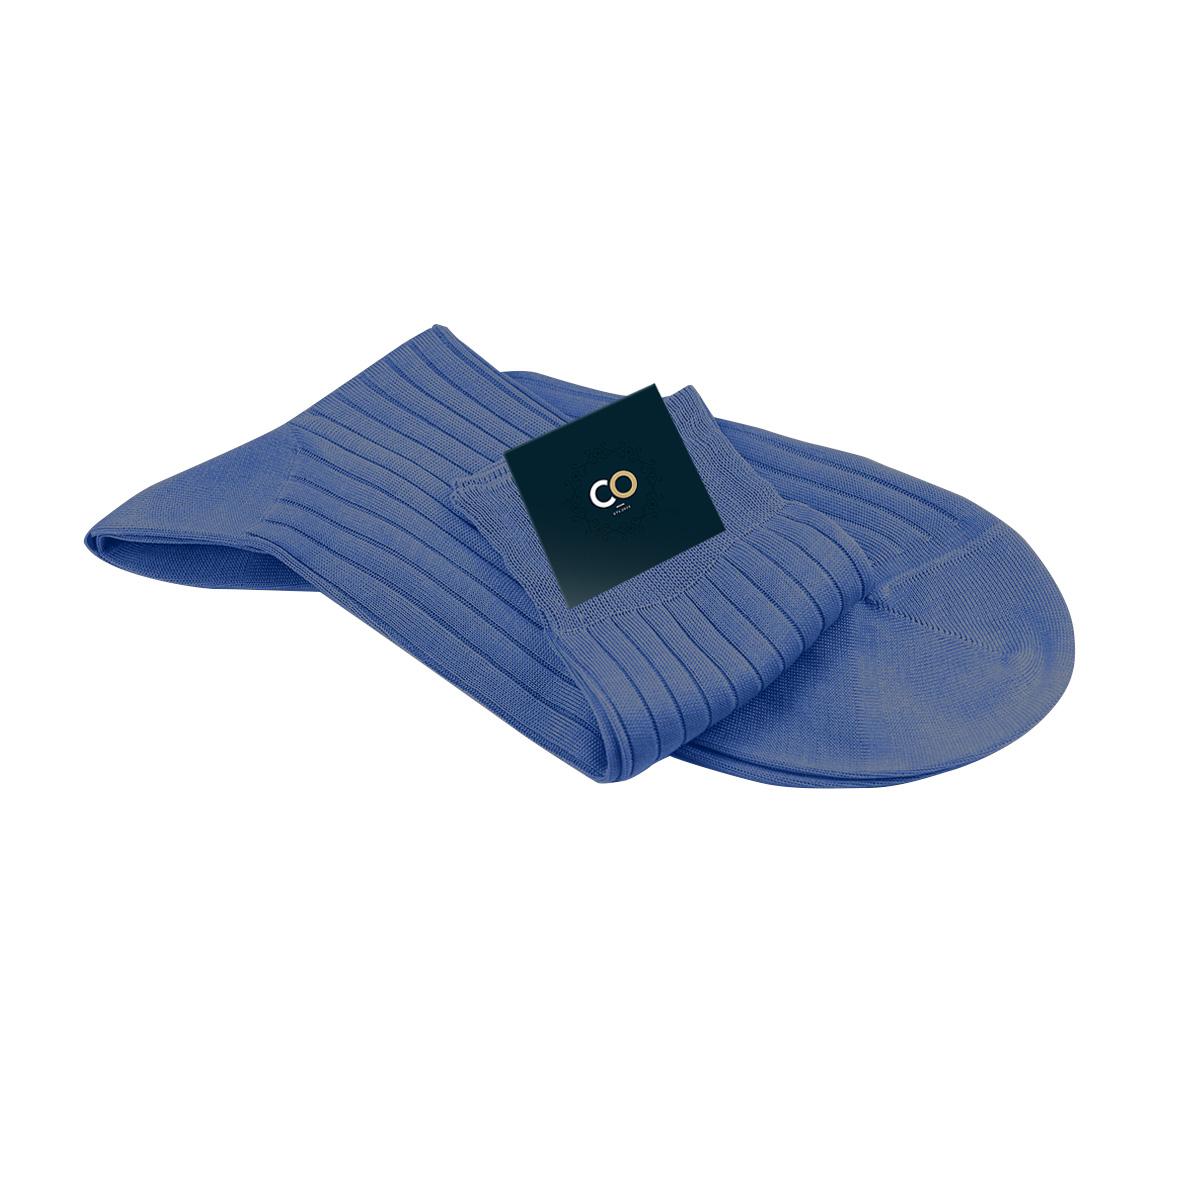 Chaussette bleu jean, Barnet